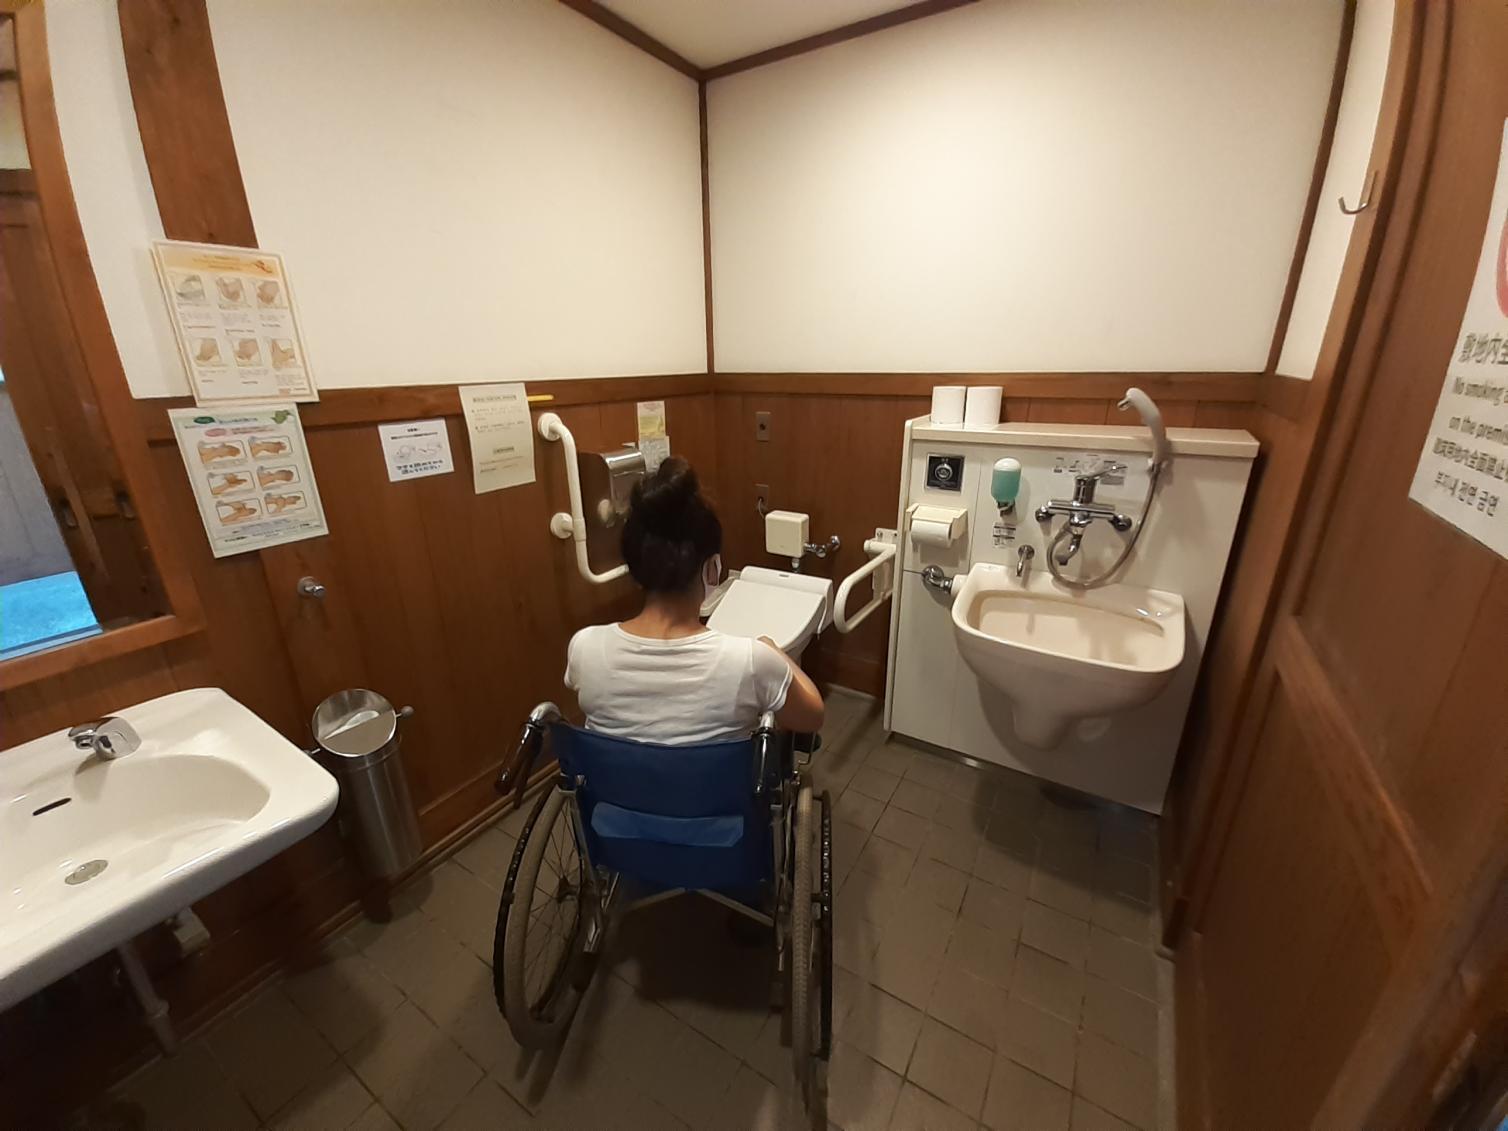 ヘトル部屋のオストメイト機能付き多目的トイレ-4